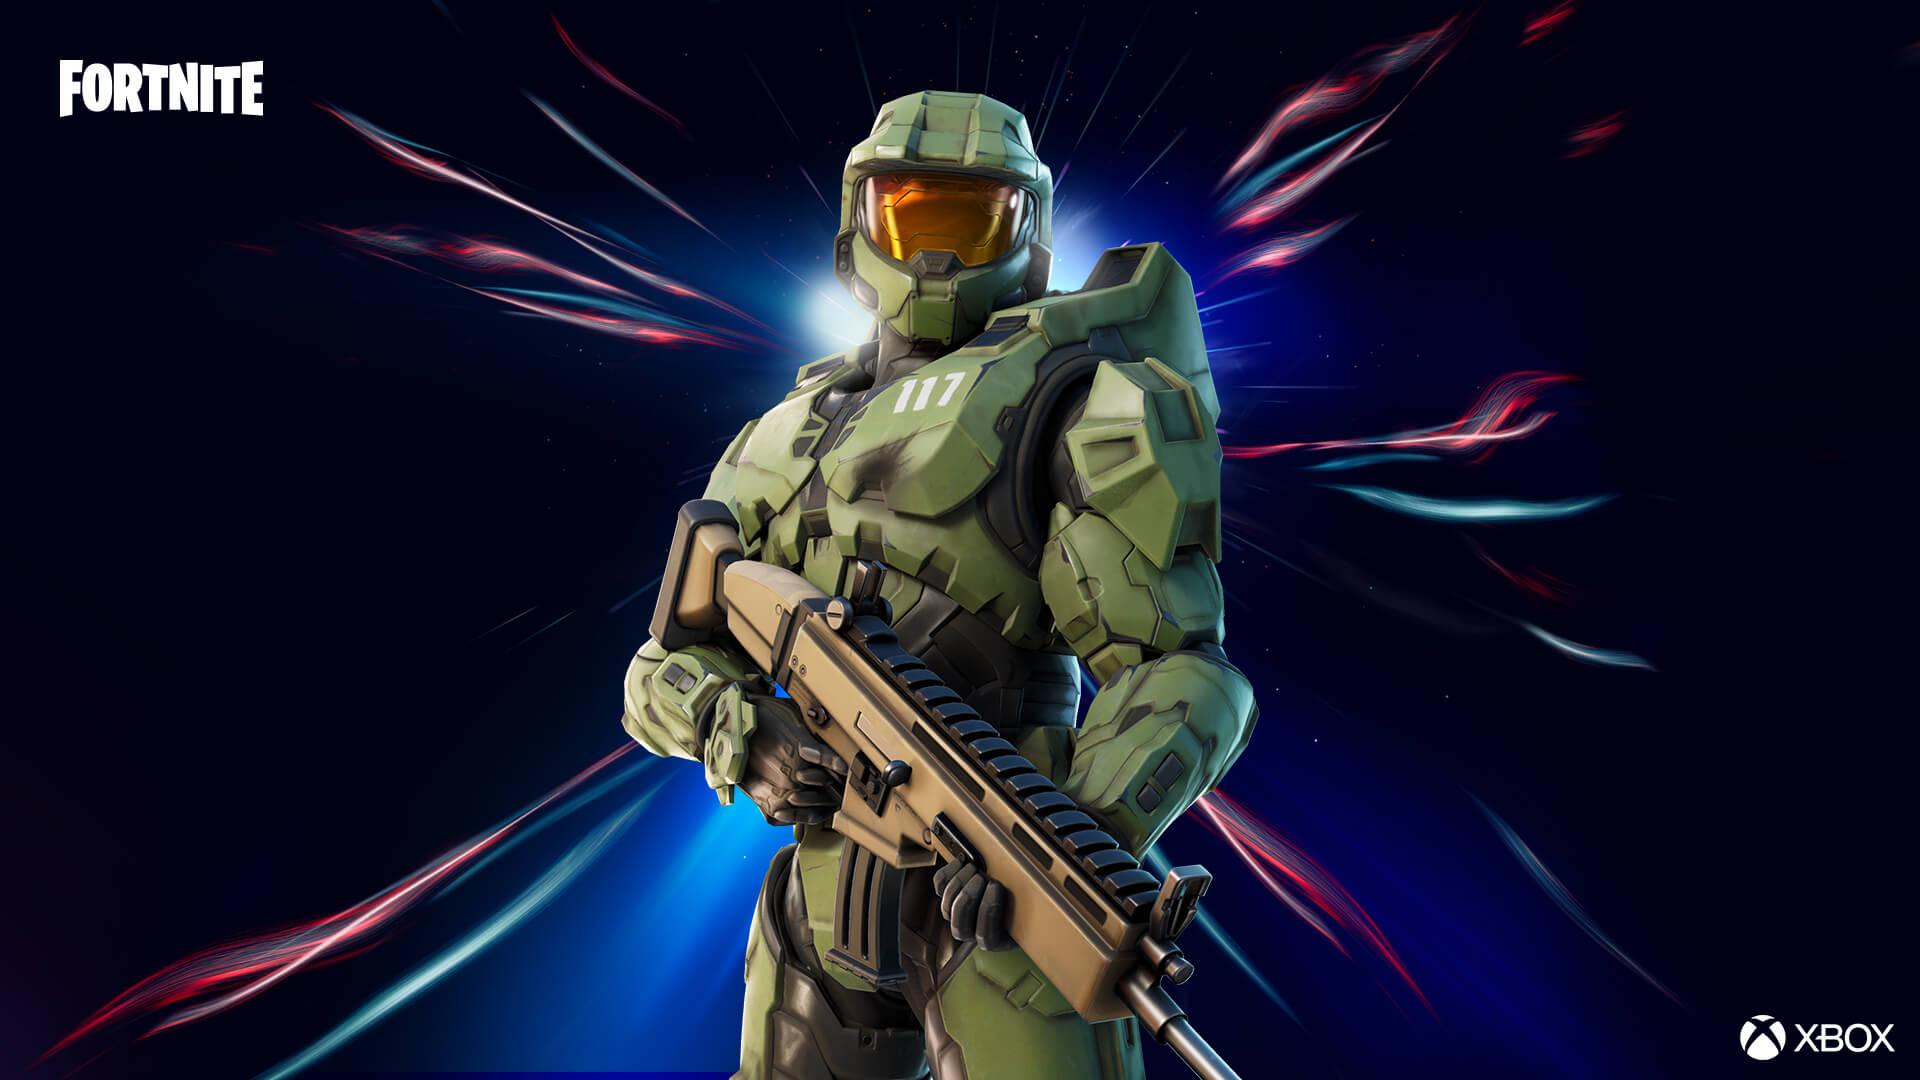 A skin do Master Chief vai te transformar no caçador do Covenant em Fortnite (Foto: Epic Games).